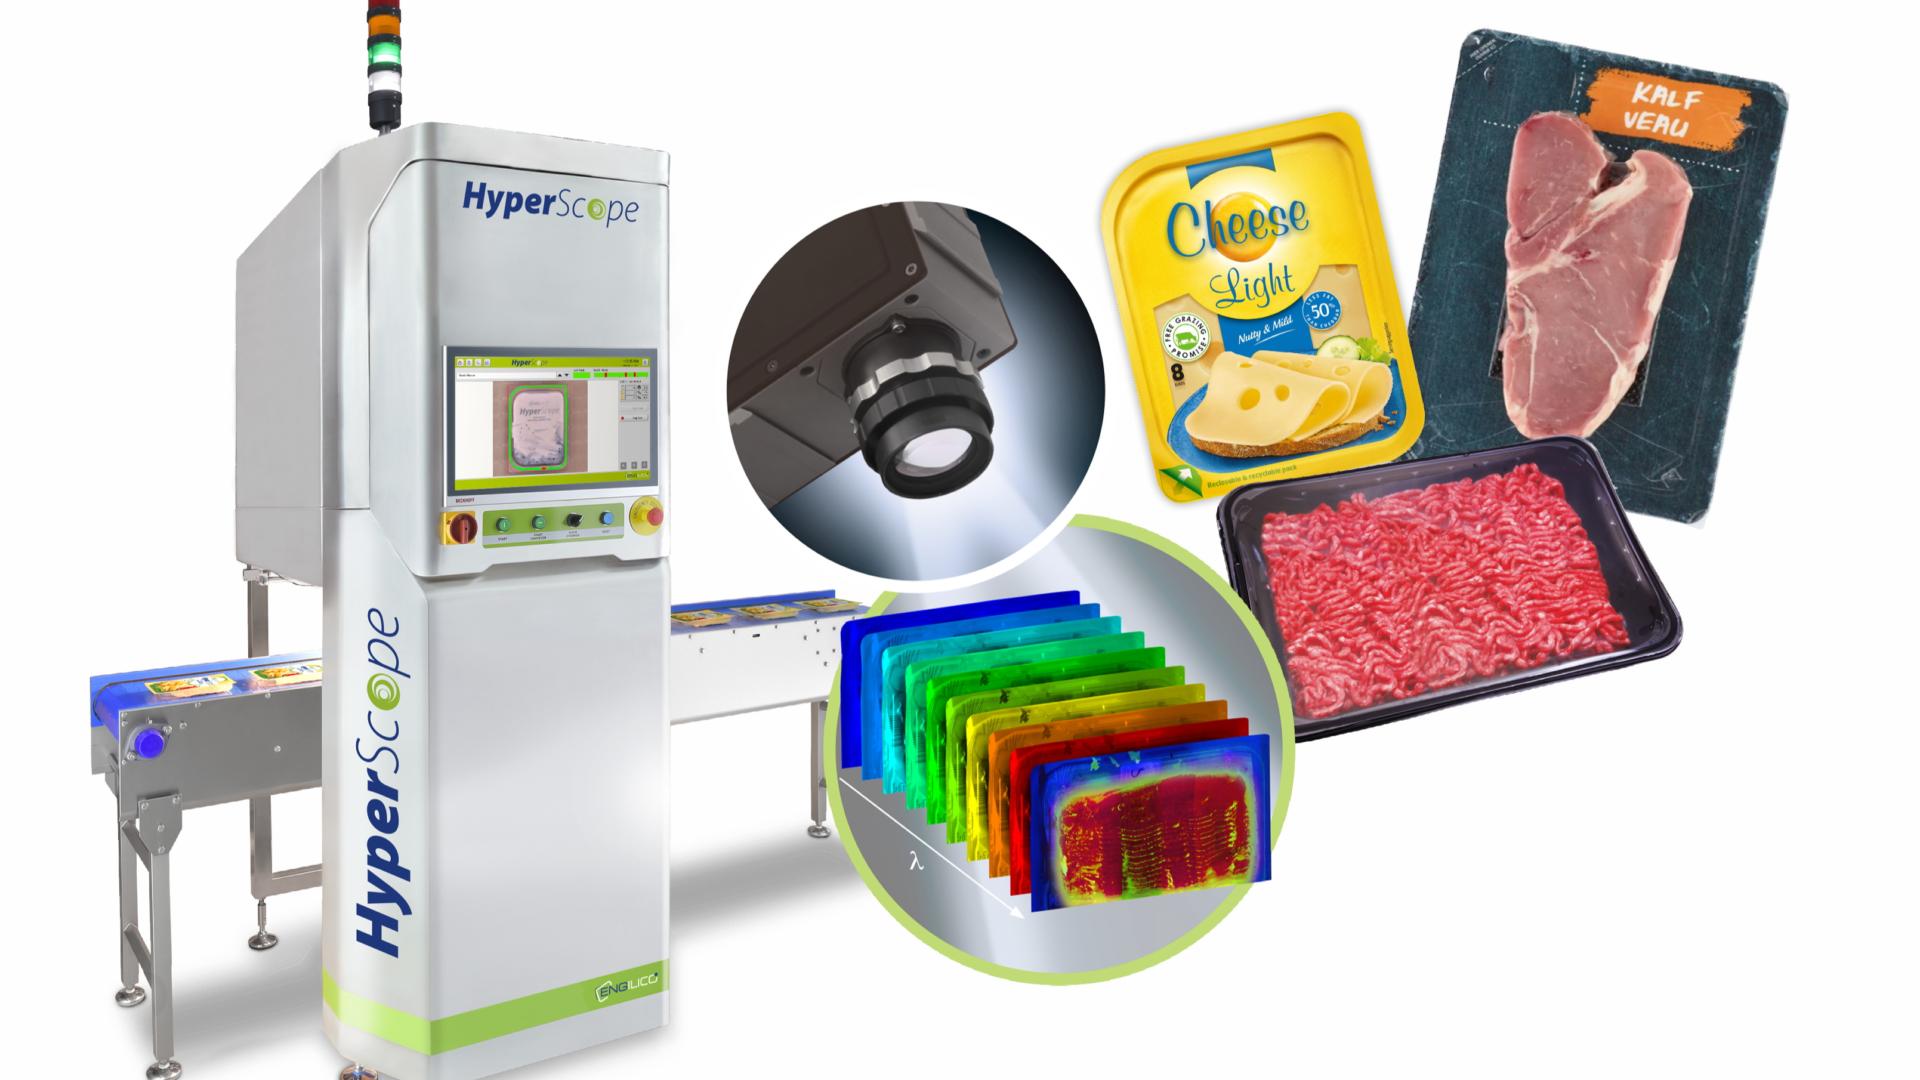 HyperScope – Inspectie van lasnaden van schaal en dieptrekverpakkingen